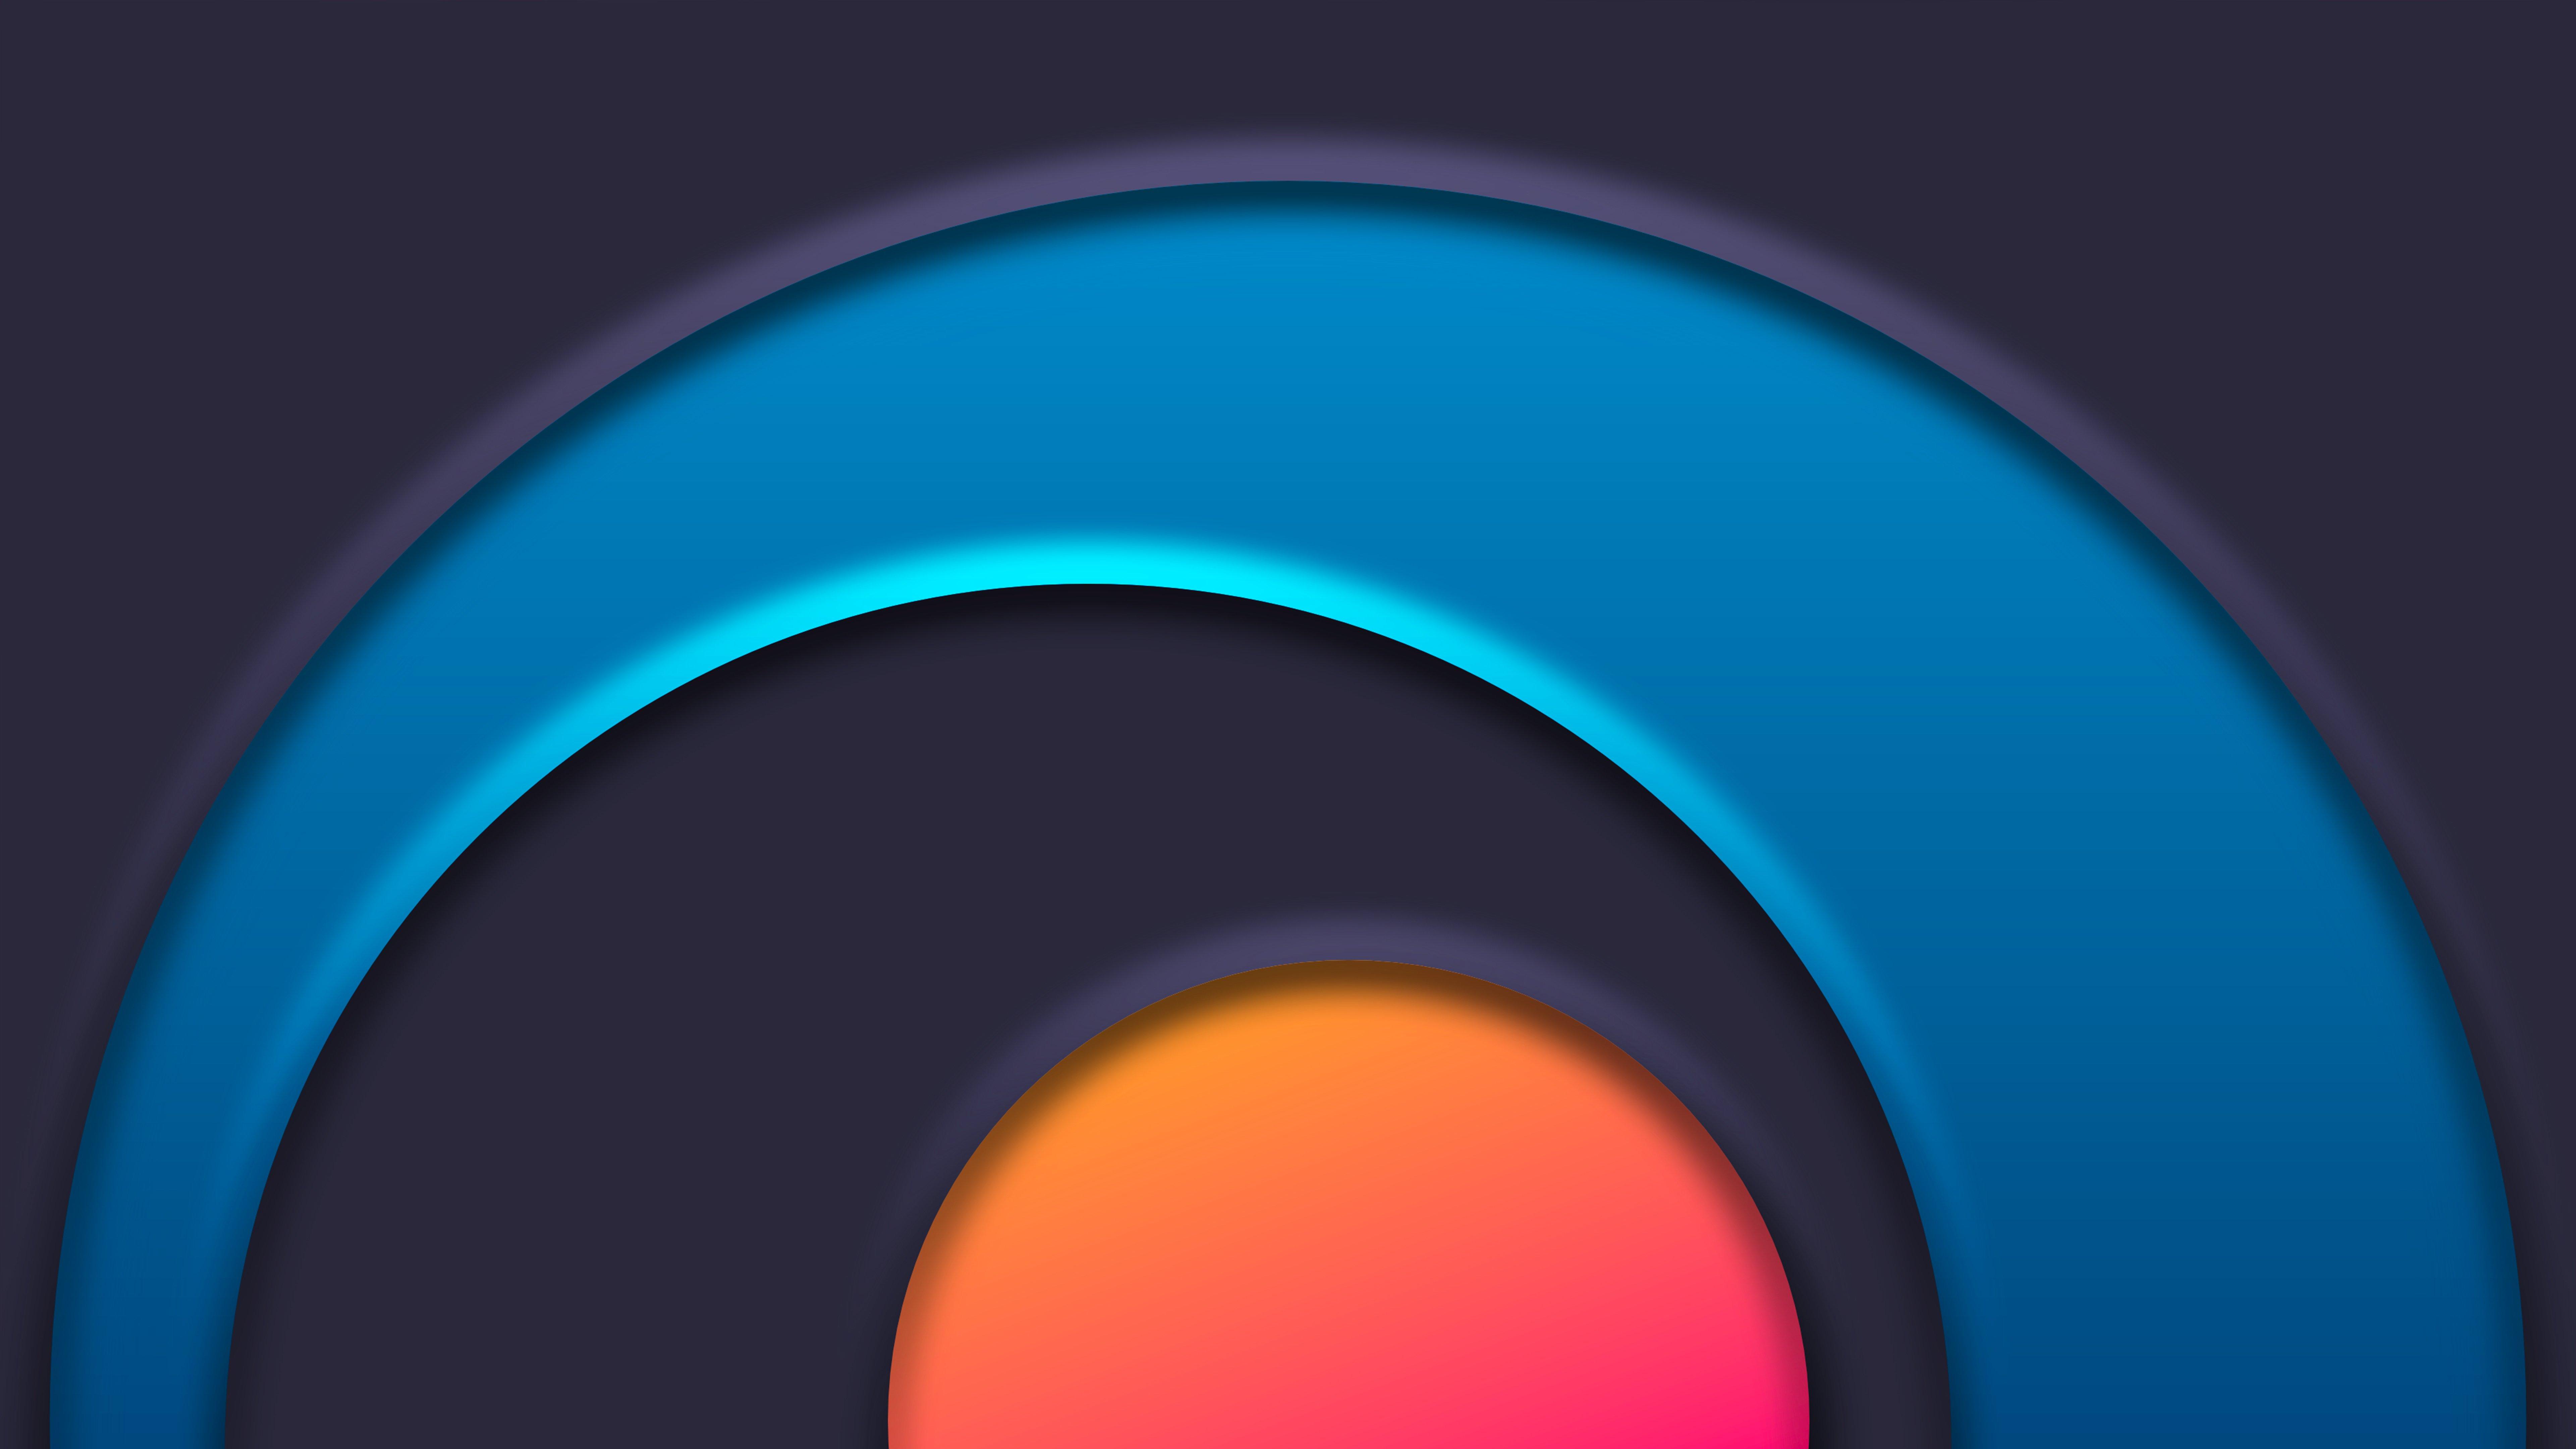 Wallpaper Circle Chakra Abstract